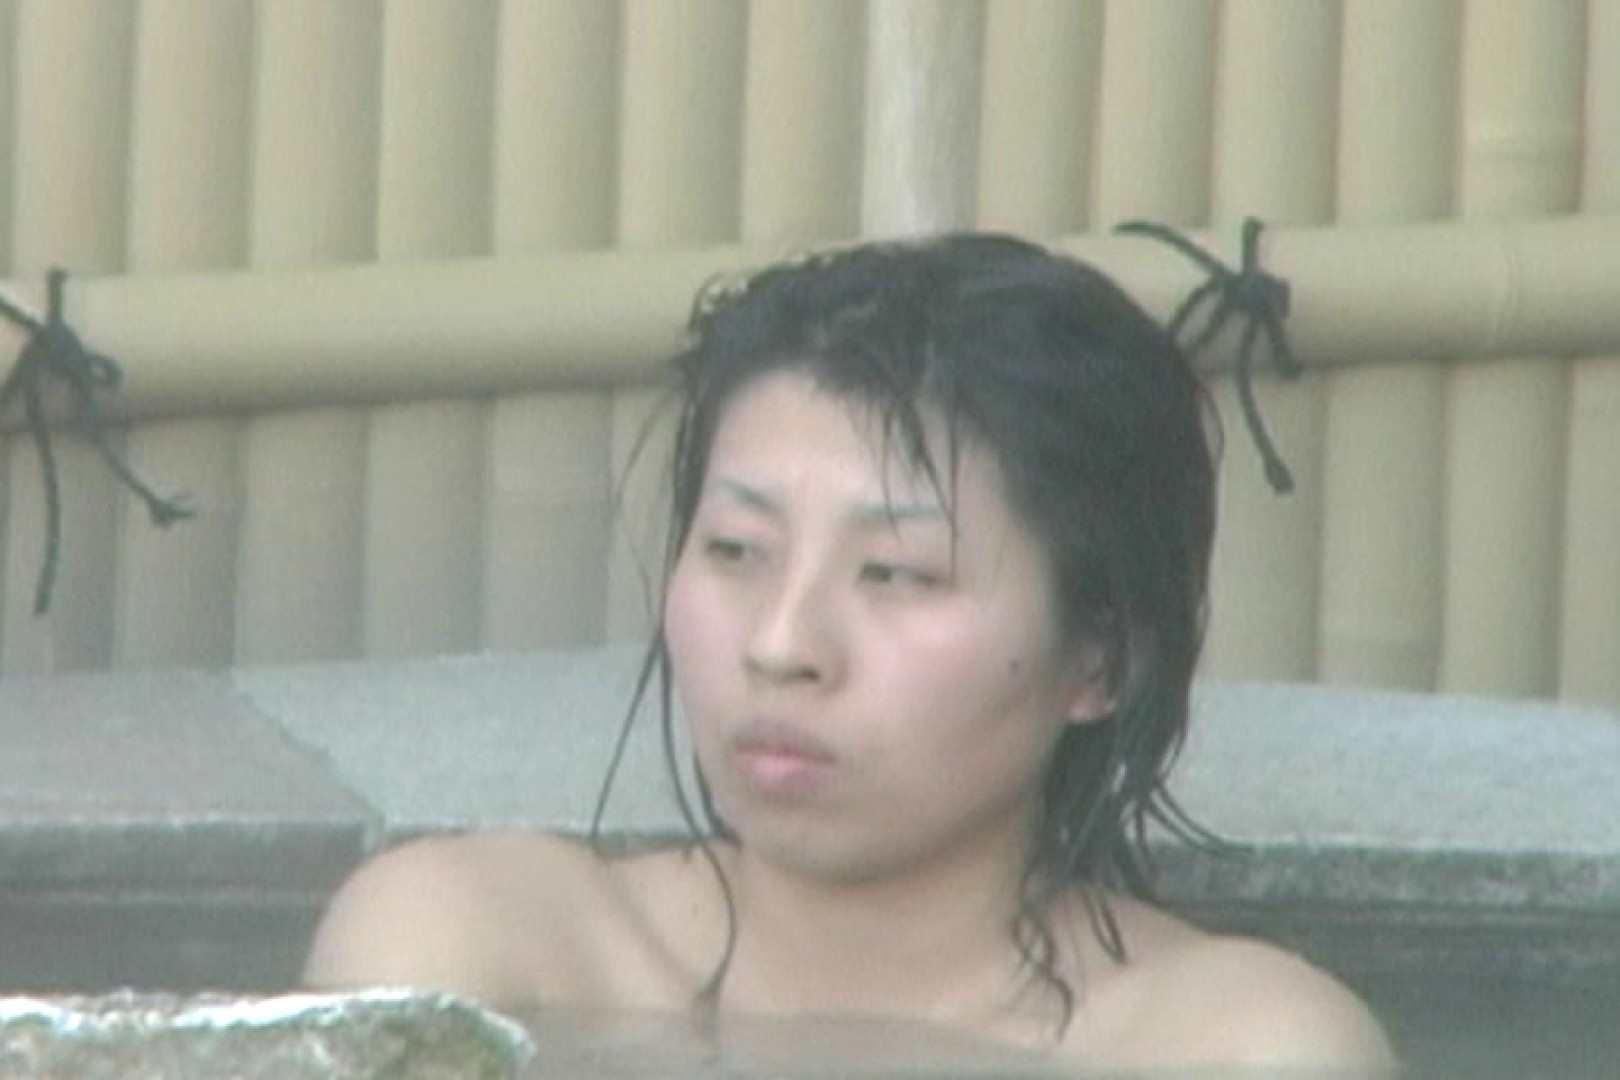 Aquaな露天風呂Vol.589 盗撮シリーズ  113PIX 44